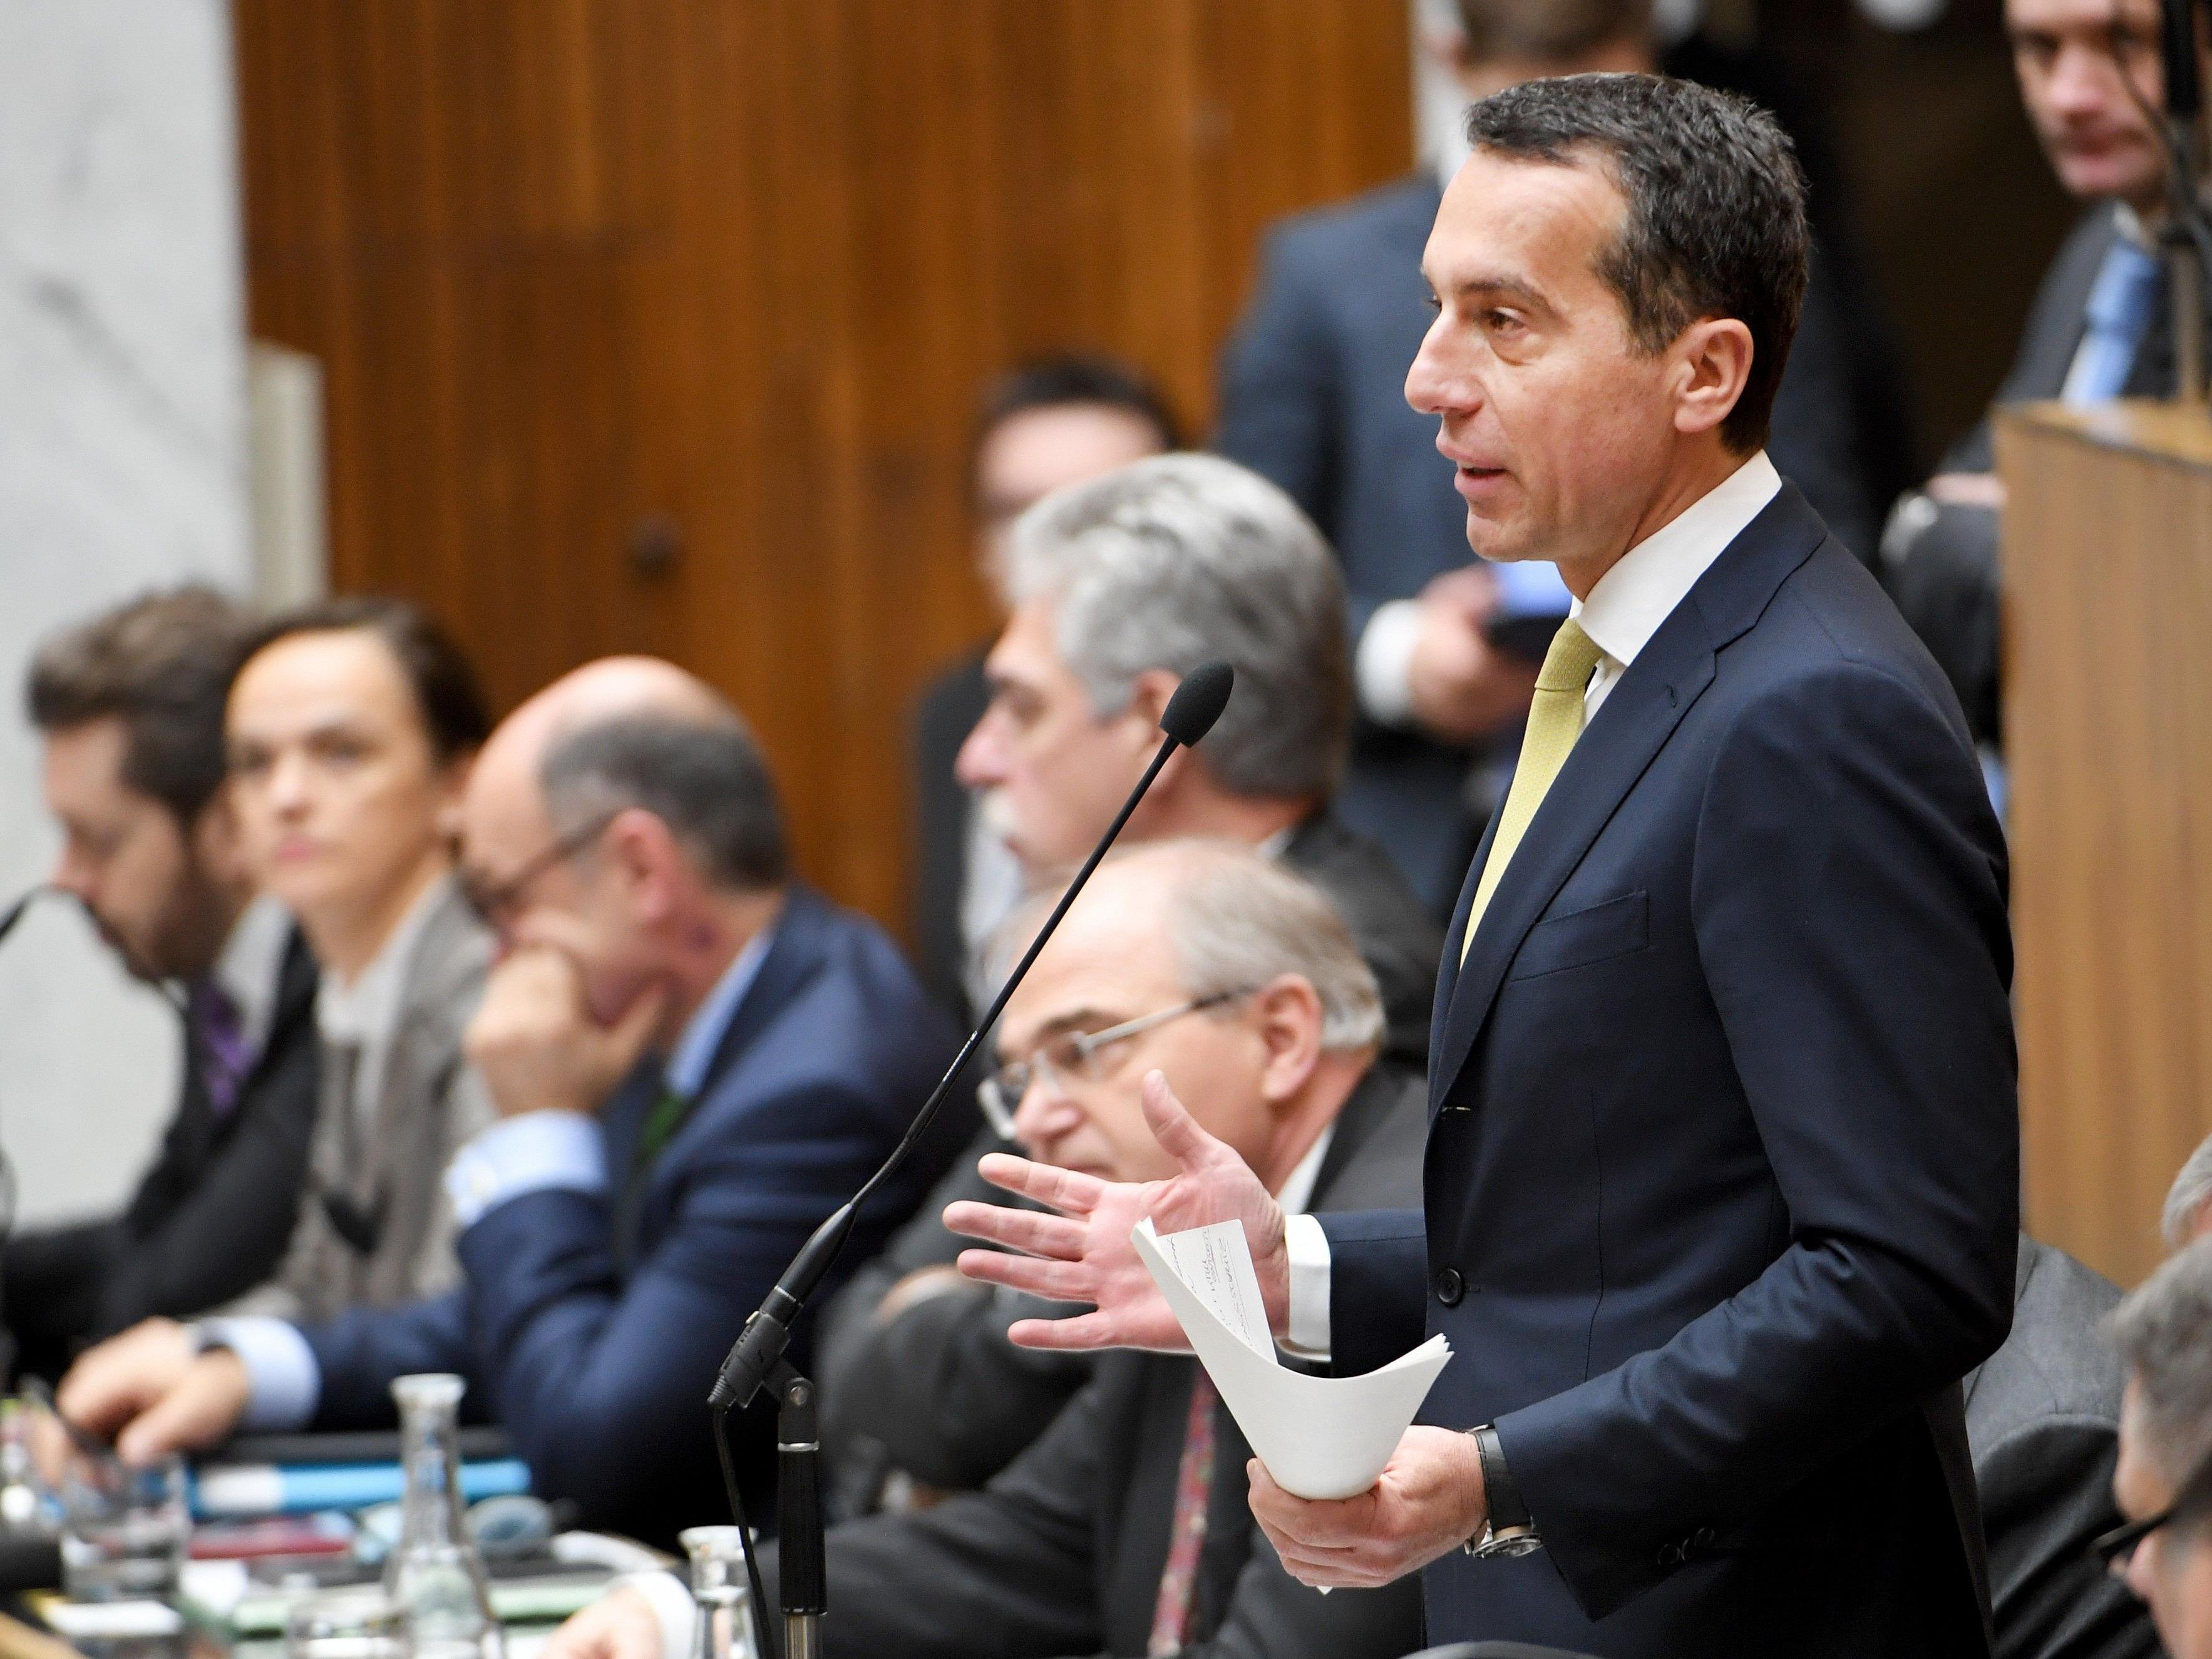 Dementi seitens ÖVP und SPÖ in Richtung Regierungsumbildung